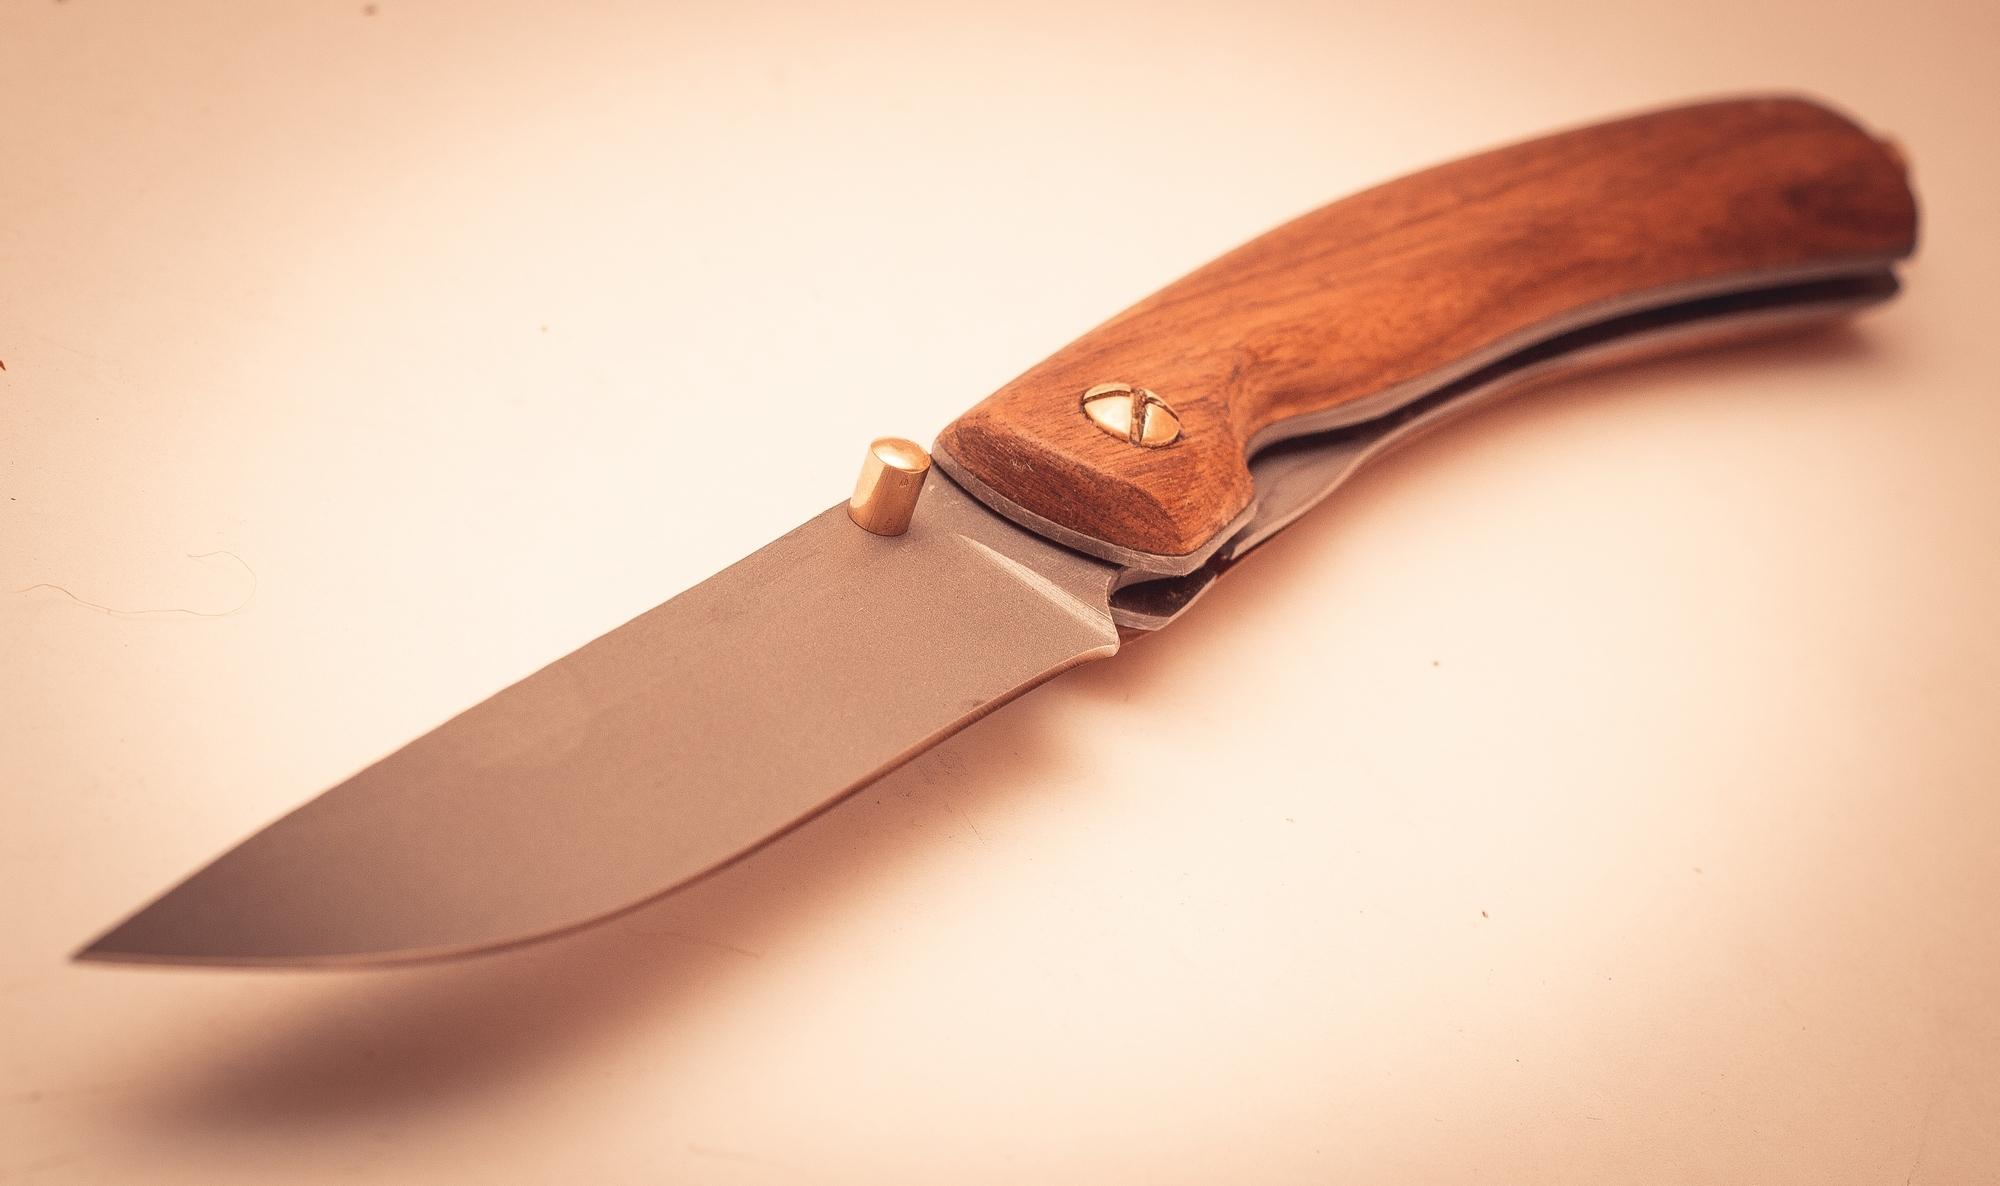 Фото 7 - Складной нож Помор, сталь 95х18, орех от Марычев